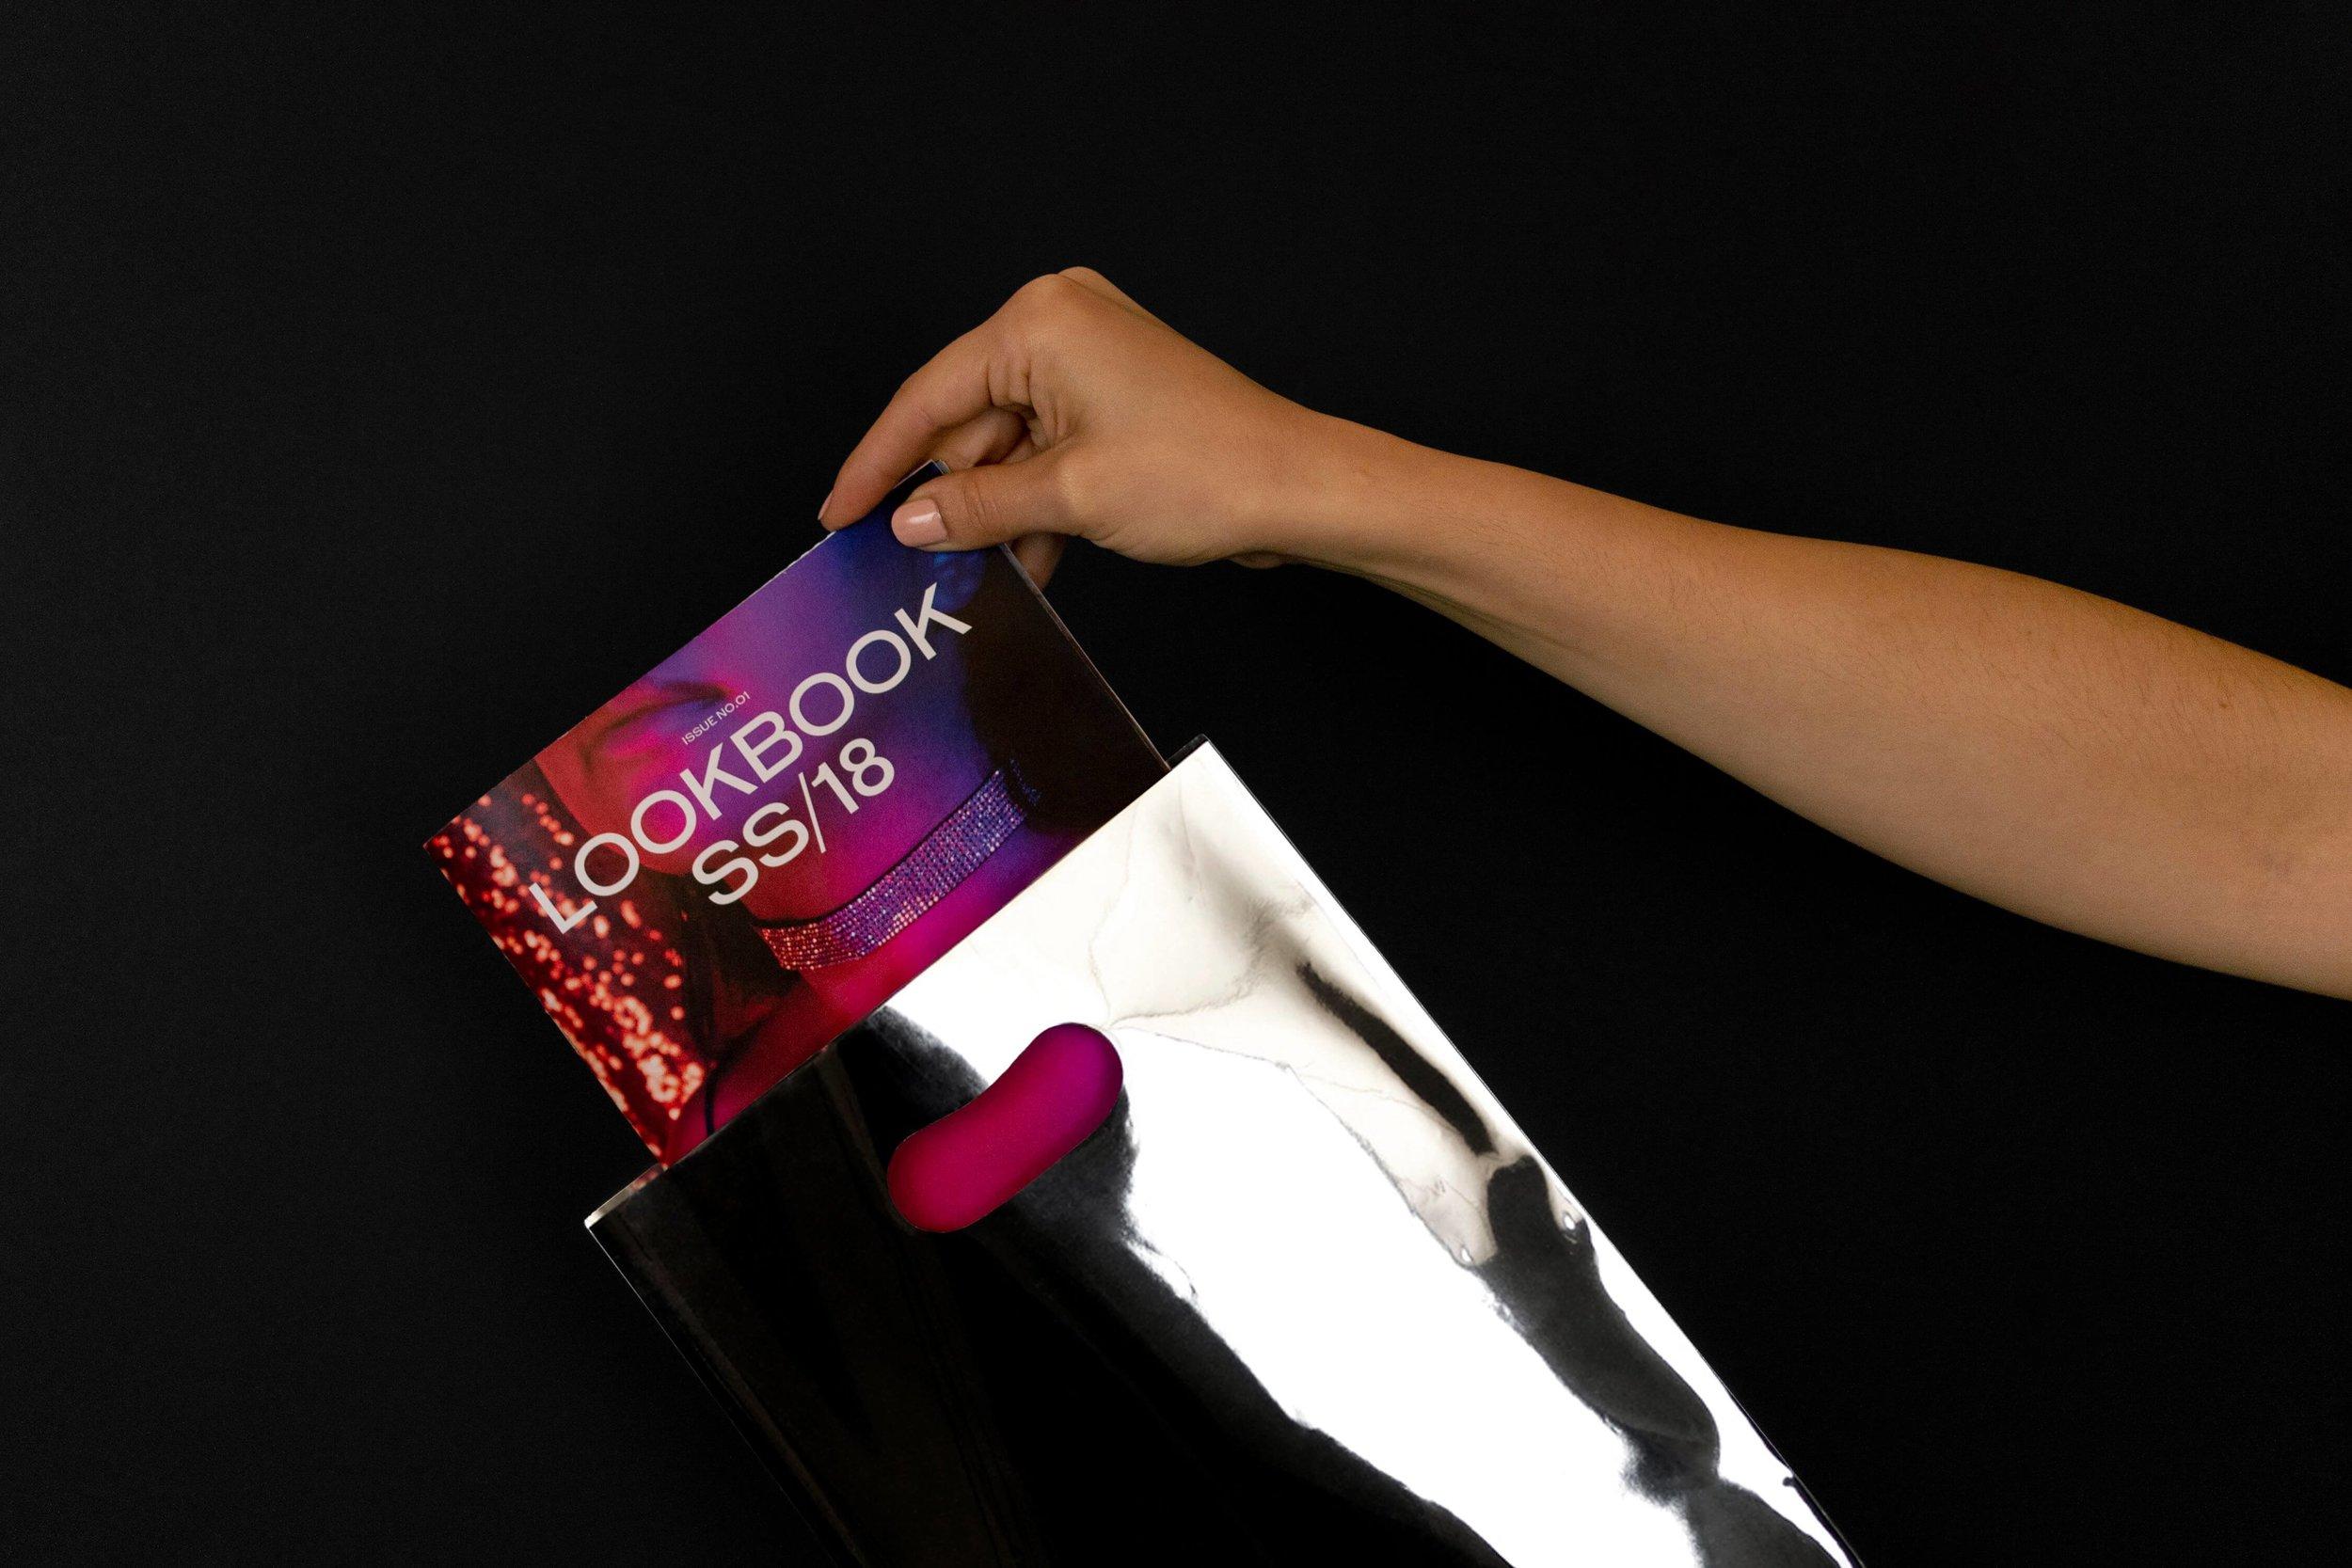 logo-design-branding-san-diego-vortic-velvet-07-2